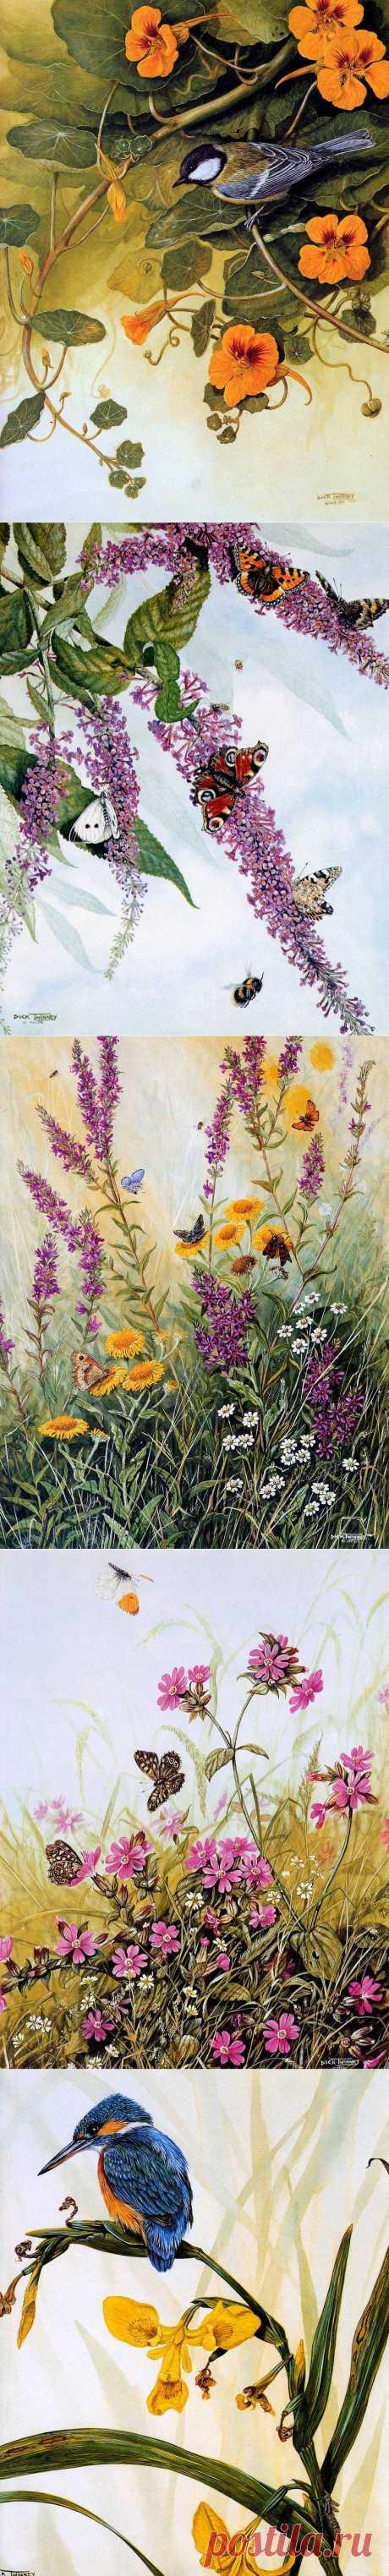 Twinney, Дик Жизнь среди цветов.....